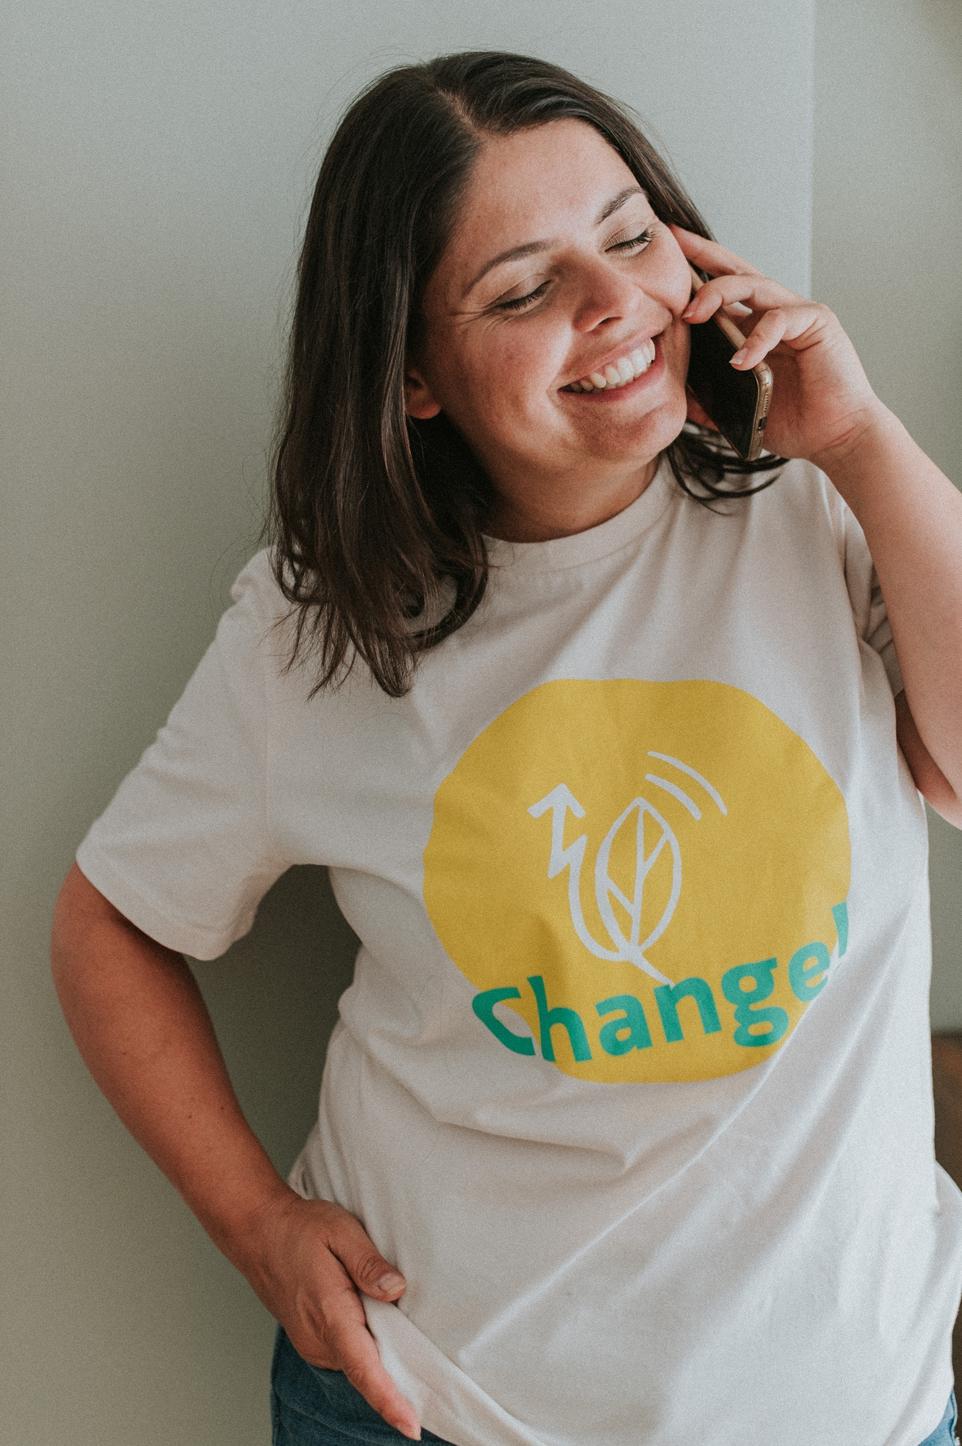 WEtell | Mobilfunk geht auch nachhaltig | Franzi Schädel